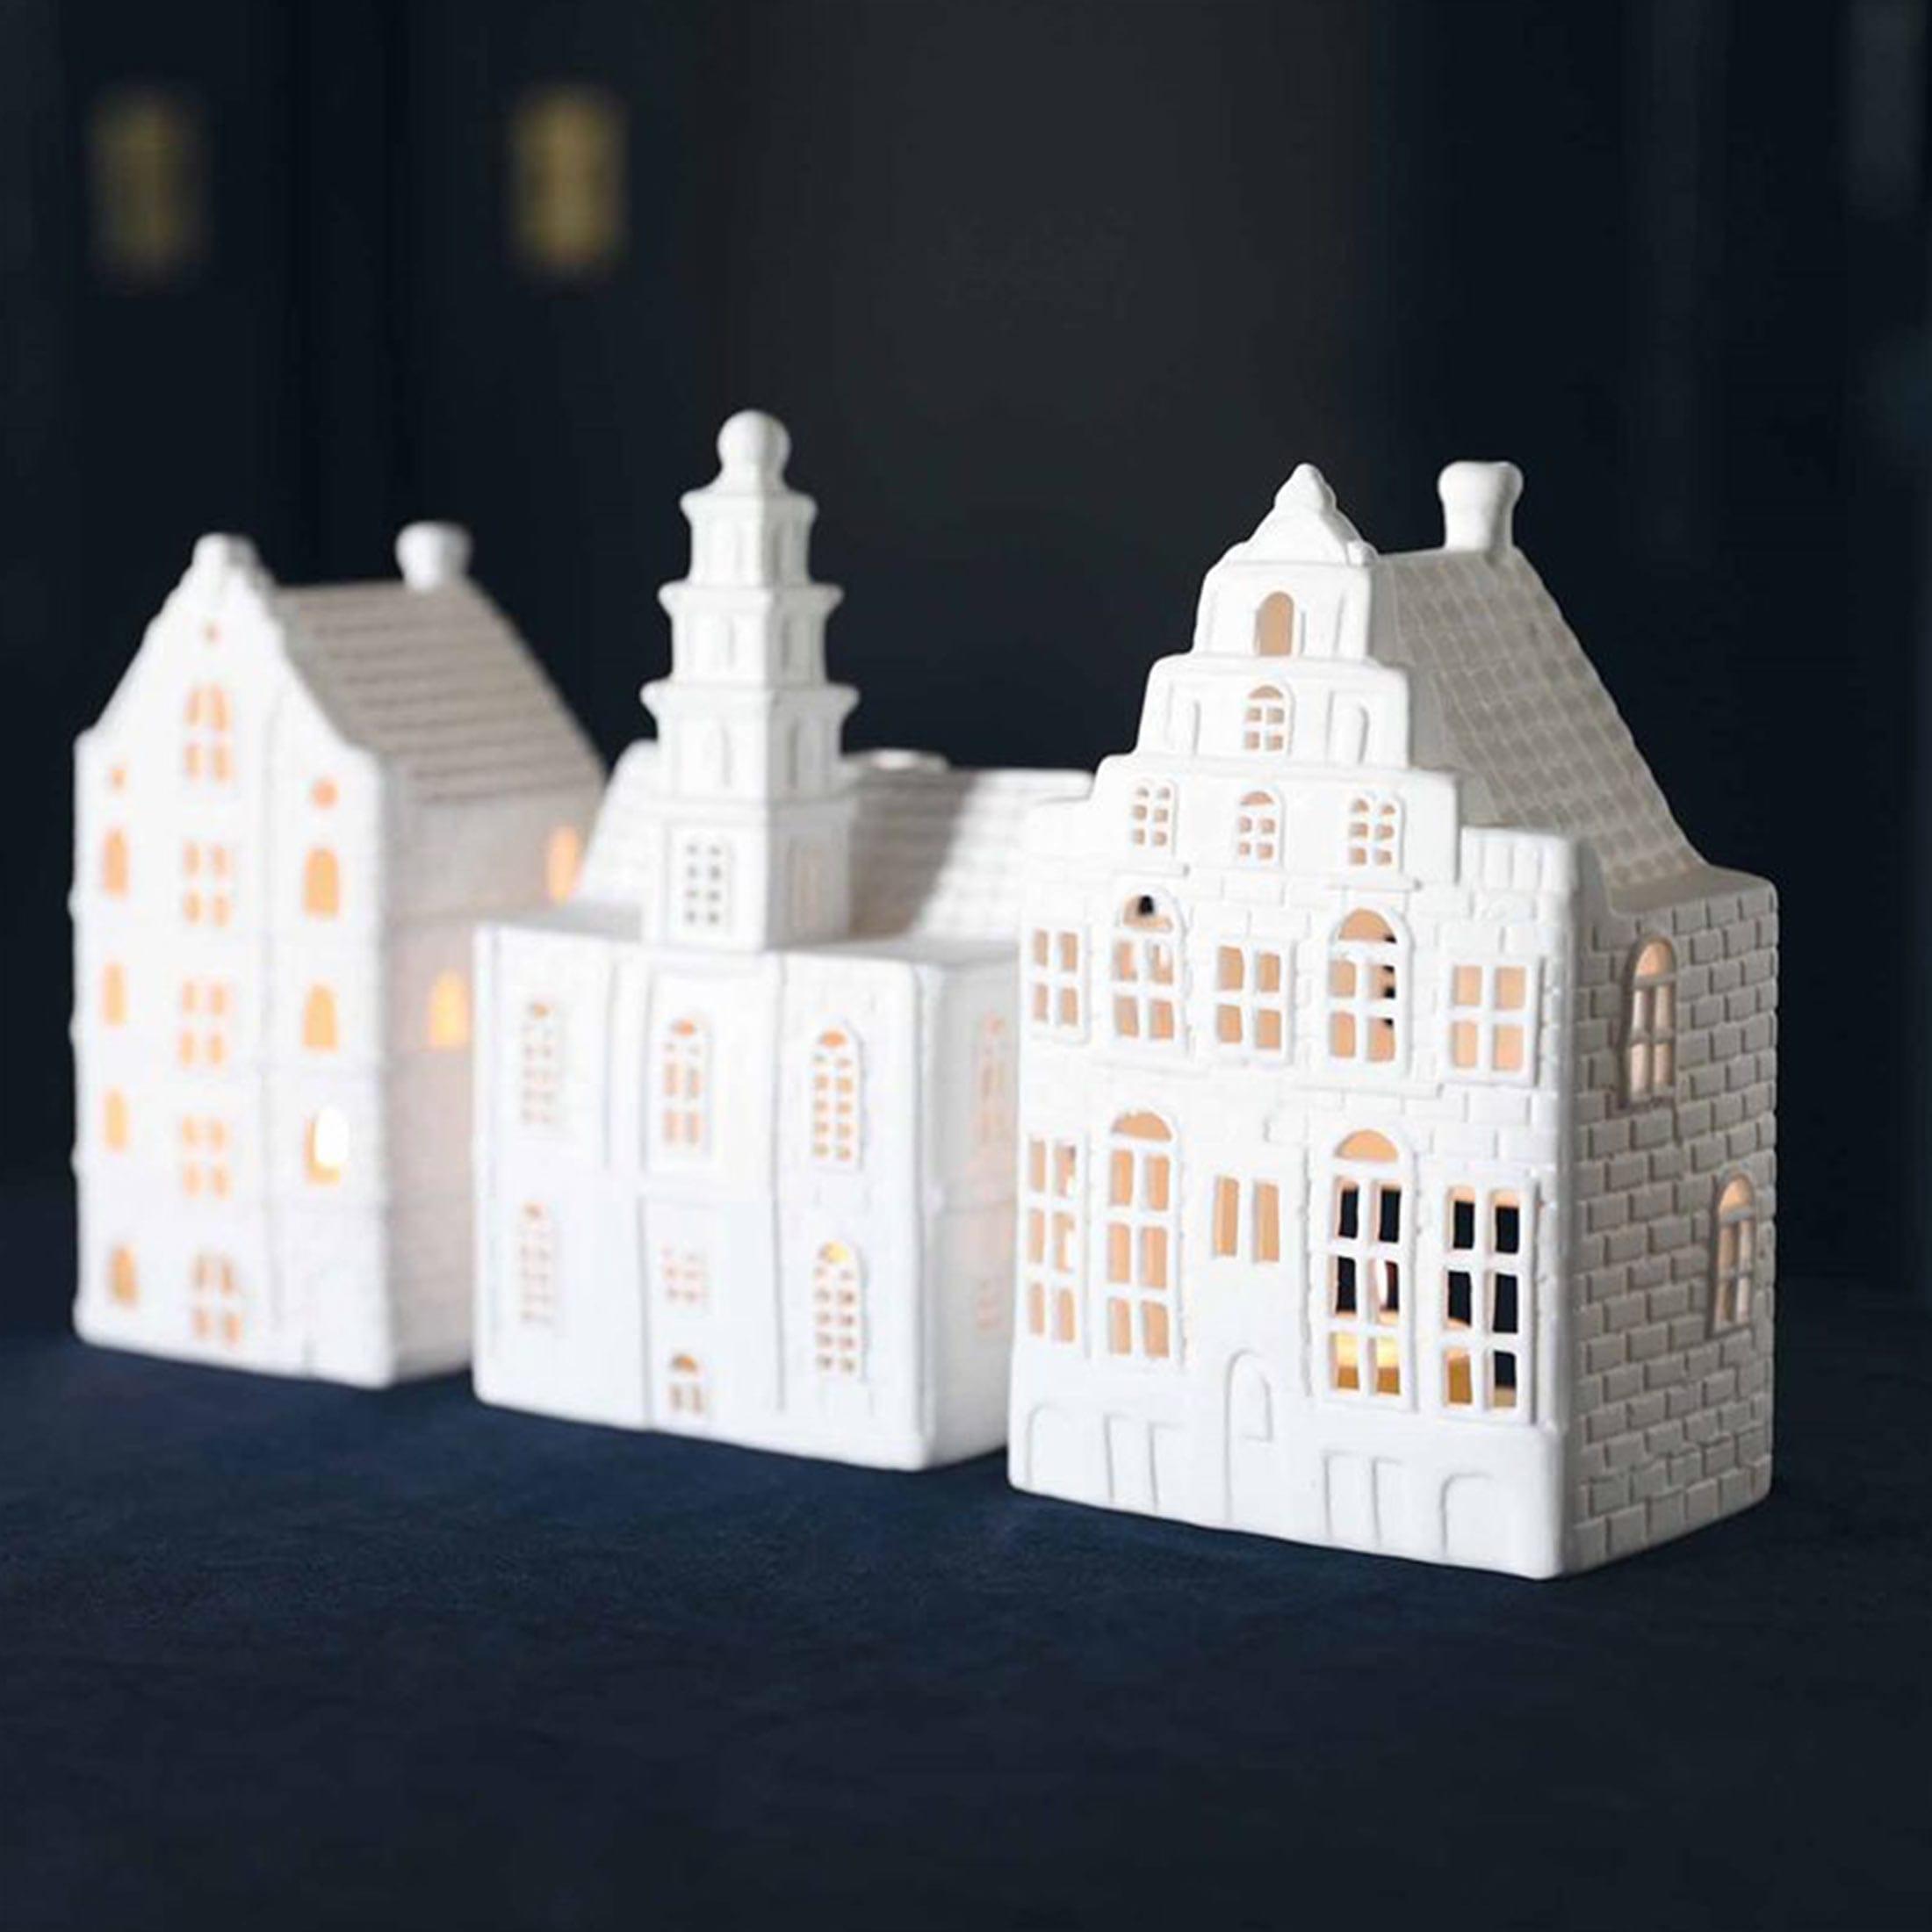 Kerzenhalter in Hausform aus Porzellan für die Dekoration im Wohnzimmer aus Porzellan. Weiße Kerzenhalter Haus in der Form eines Grachtenhaus aus Amsterdam